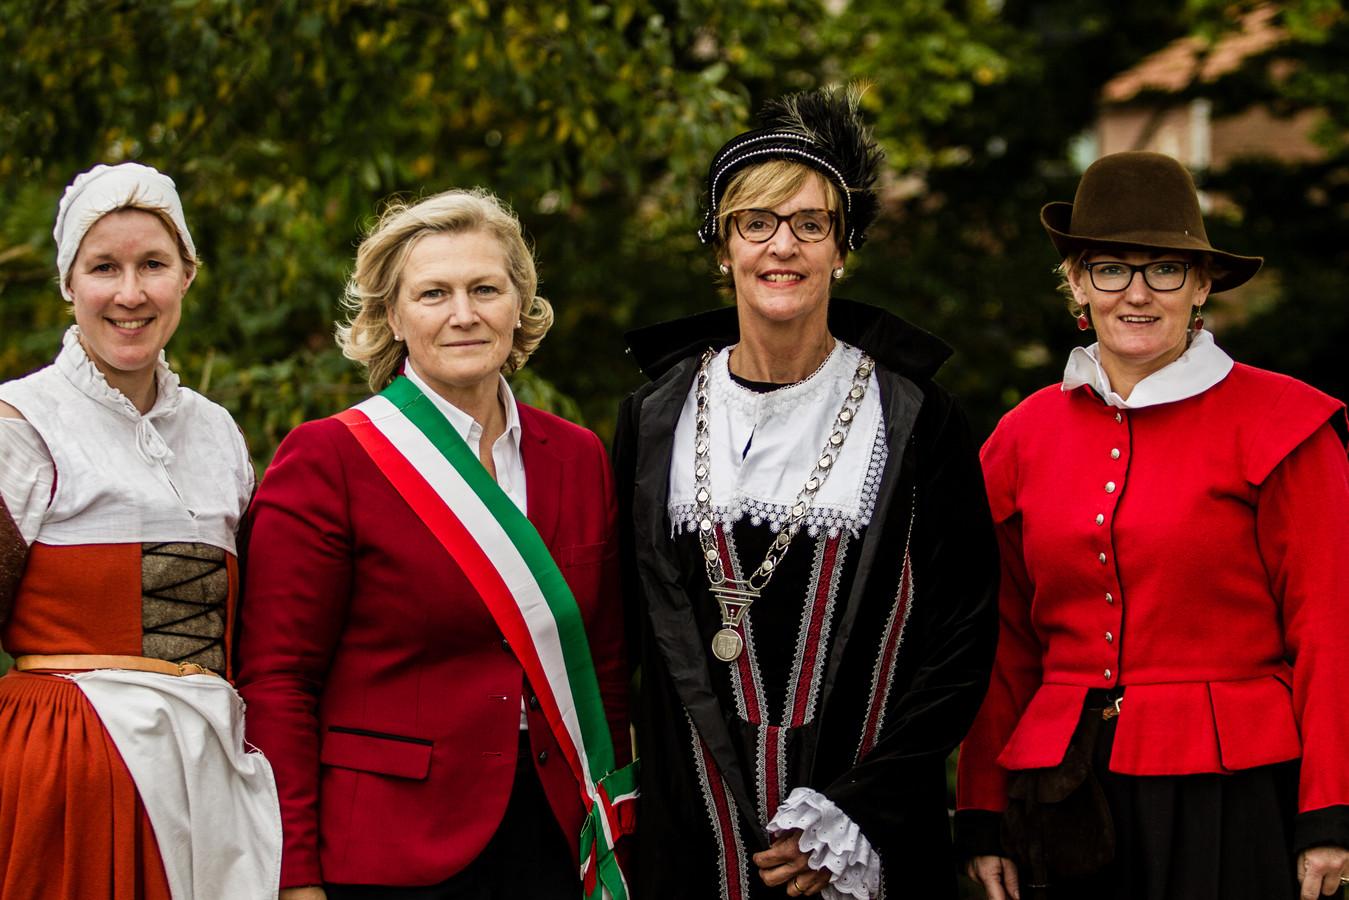 Vice-burgemeester van Palmanova Adriana Danielis (tweede van links) werd vorig jaar tijdens de Slag om Grolle rondgeleid door Marjolein Houwer, burgemeester Annette Bronsvoort en wethouder Marieke Frank.